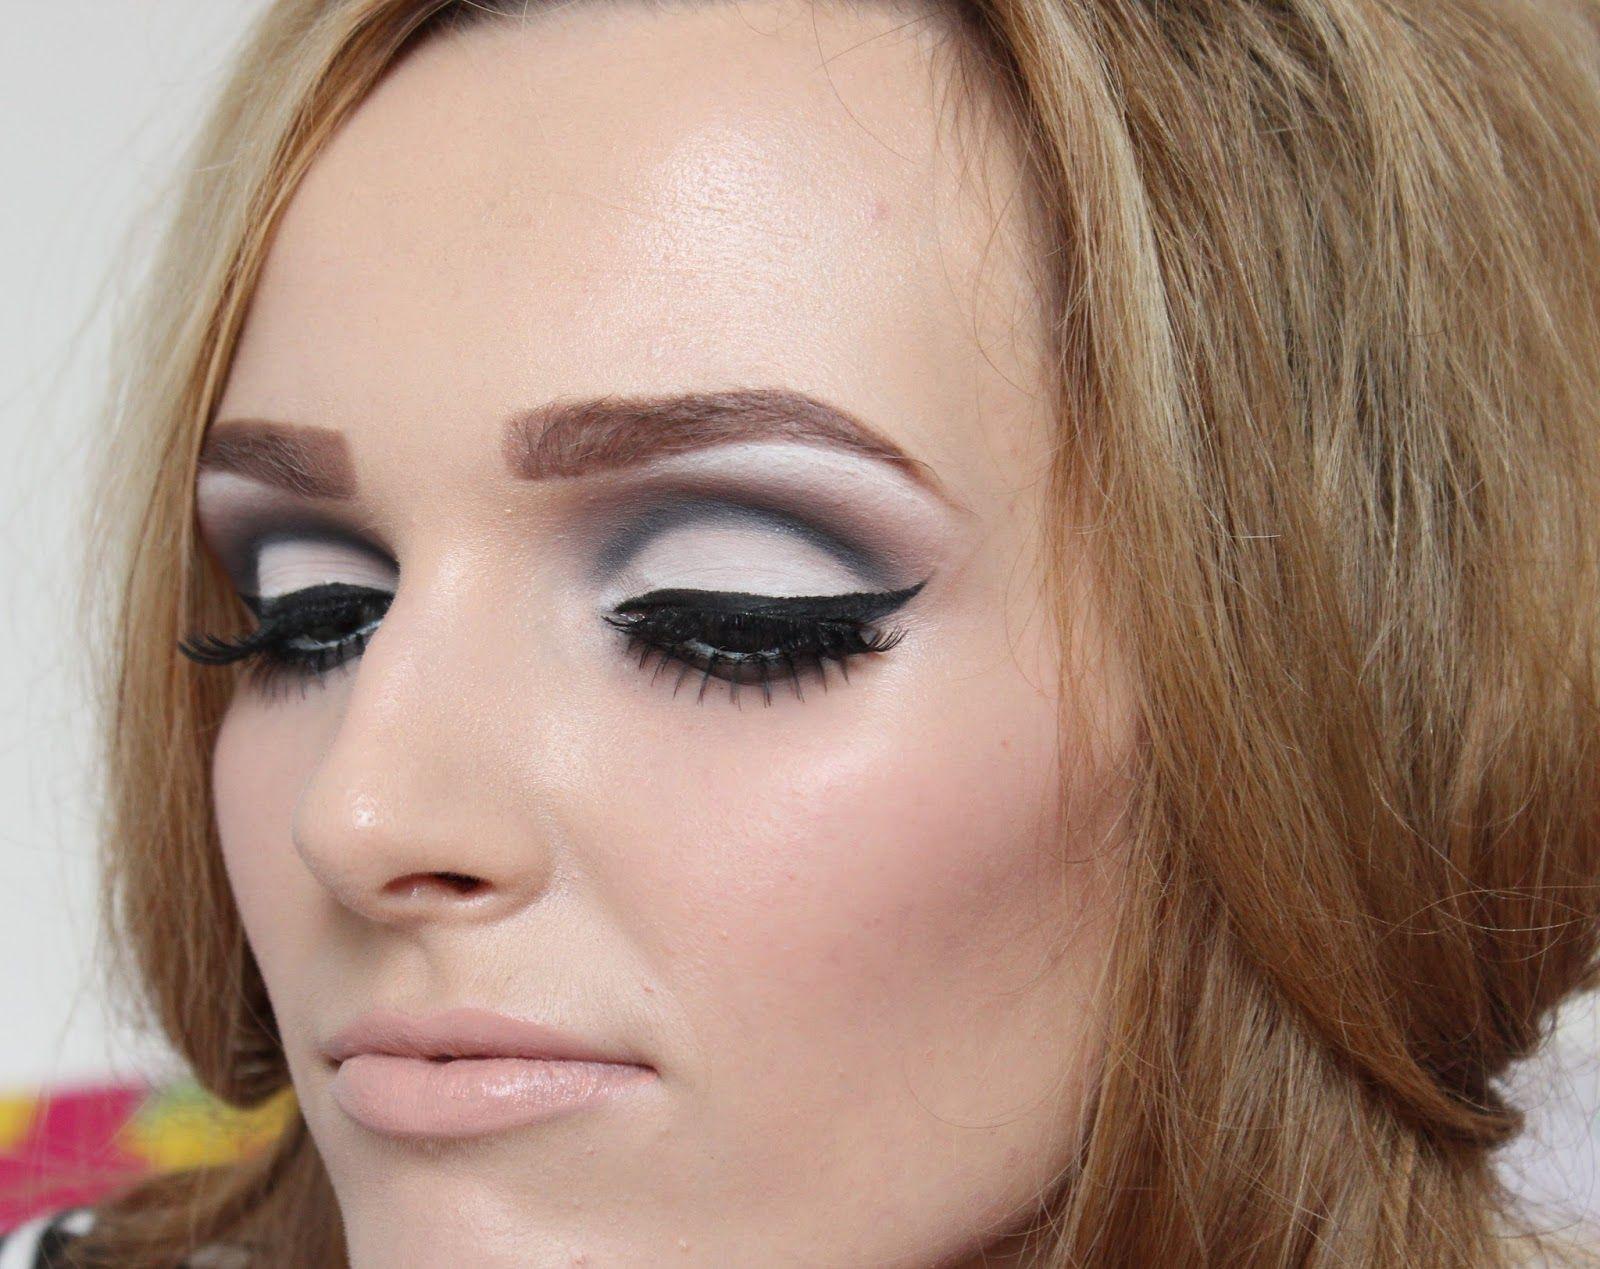 60 S Makeup 1960s Makeup 1960s Makeup Tutorial